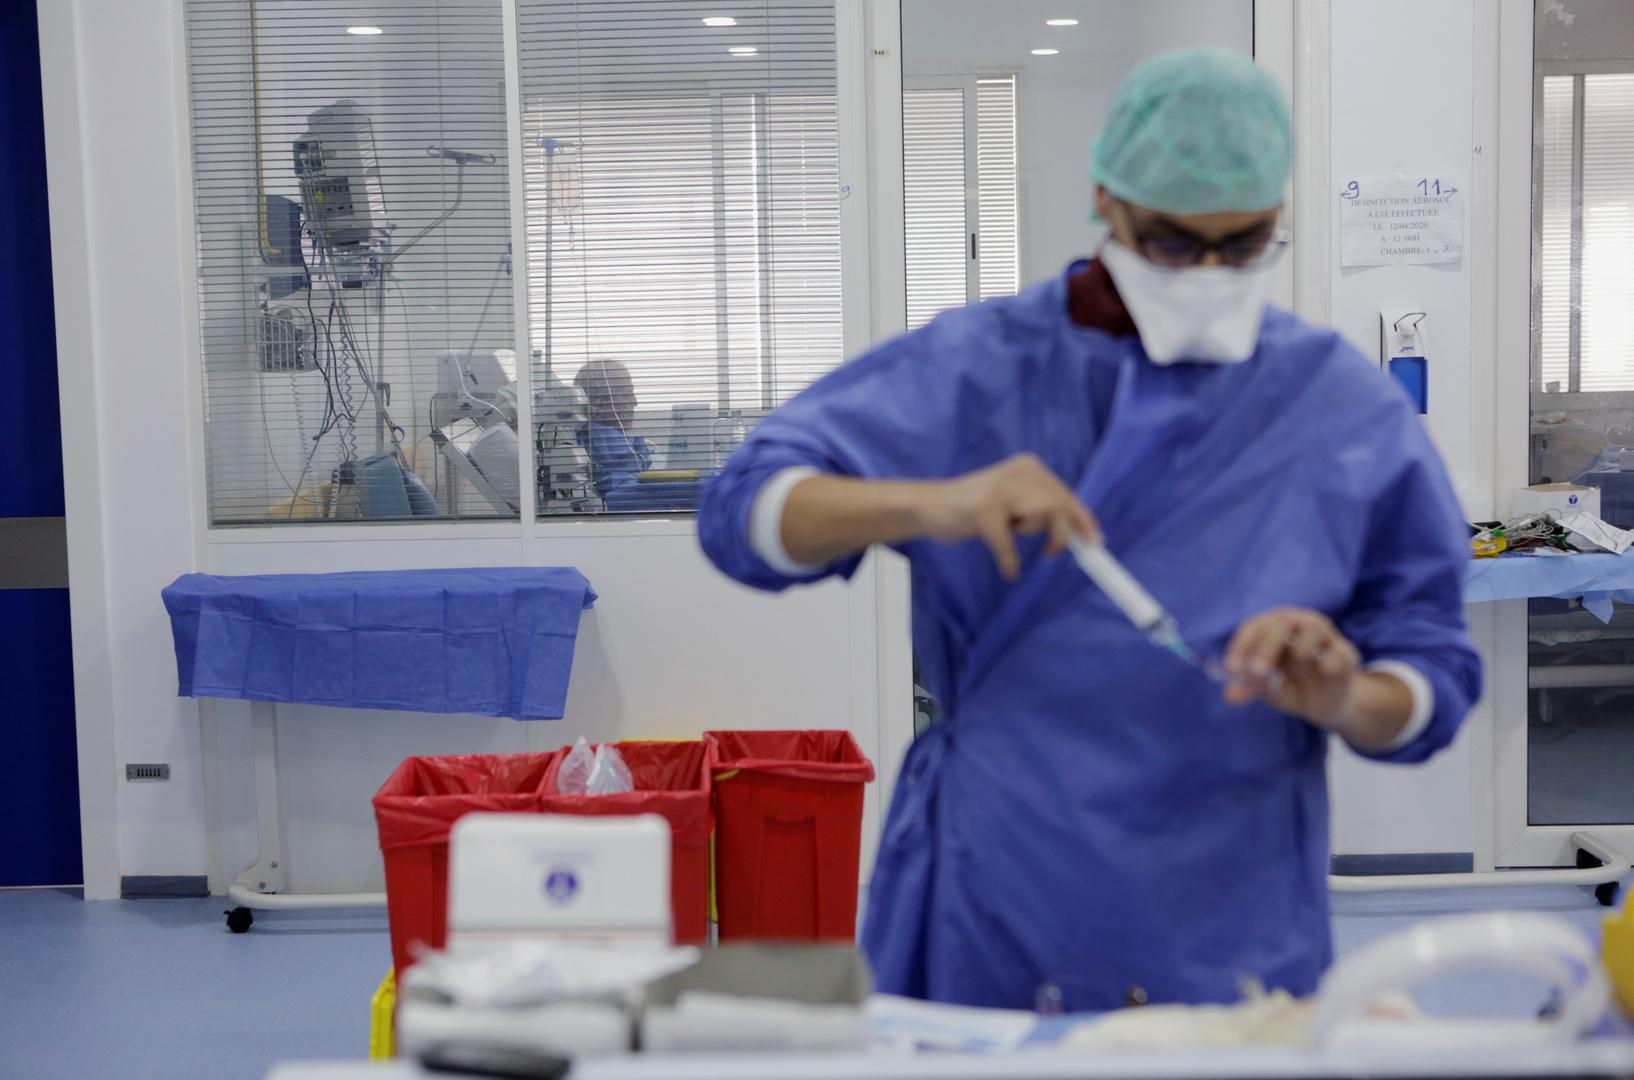 المغرب يسجل 6 وفيات و373 إصابة جديدة بفيروس كورونا